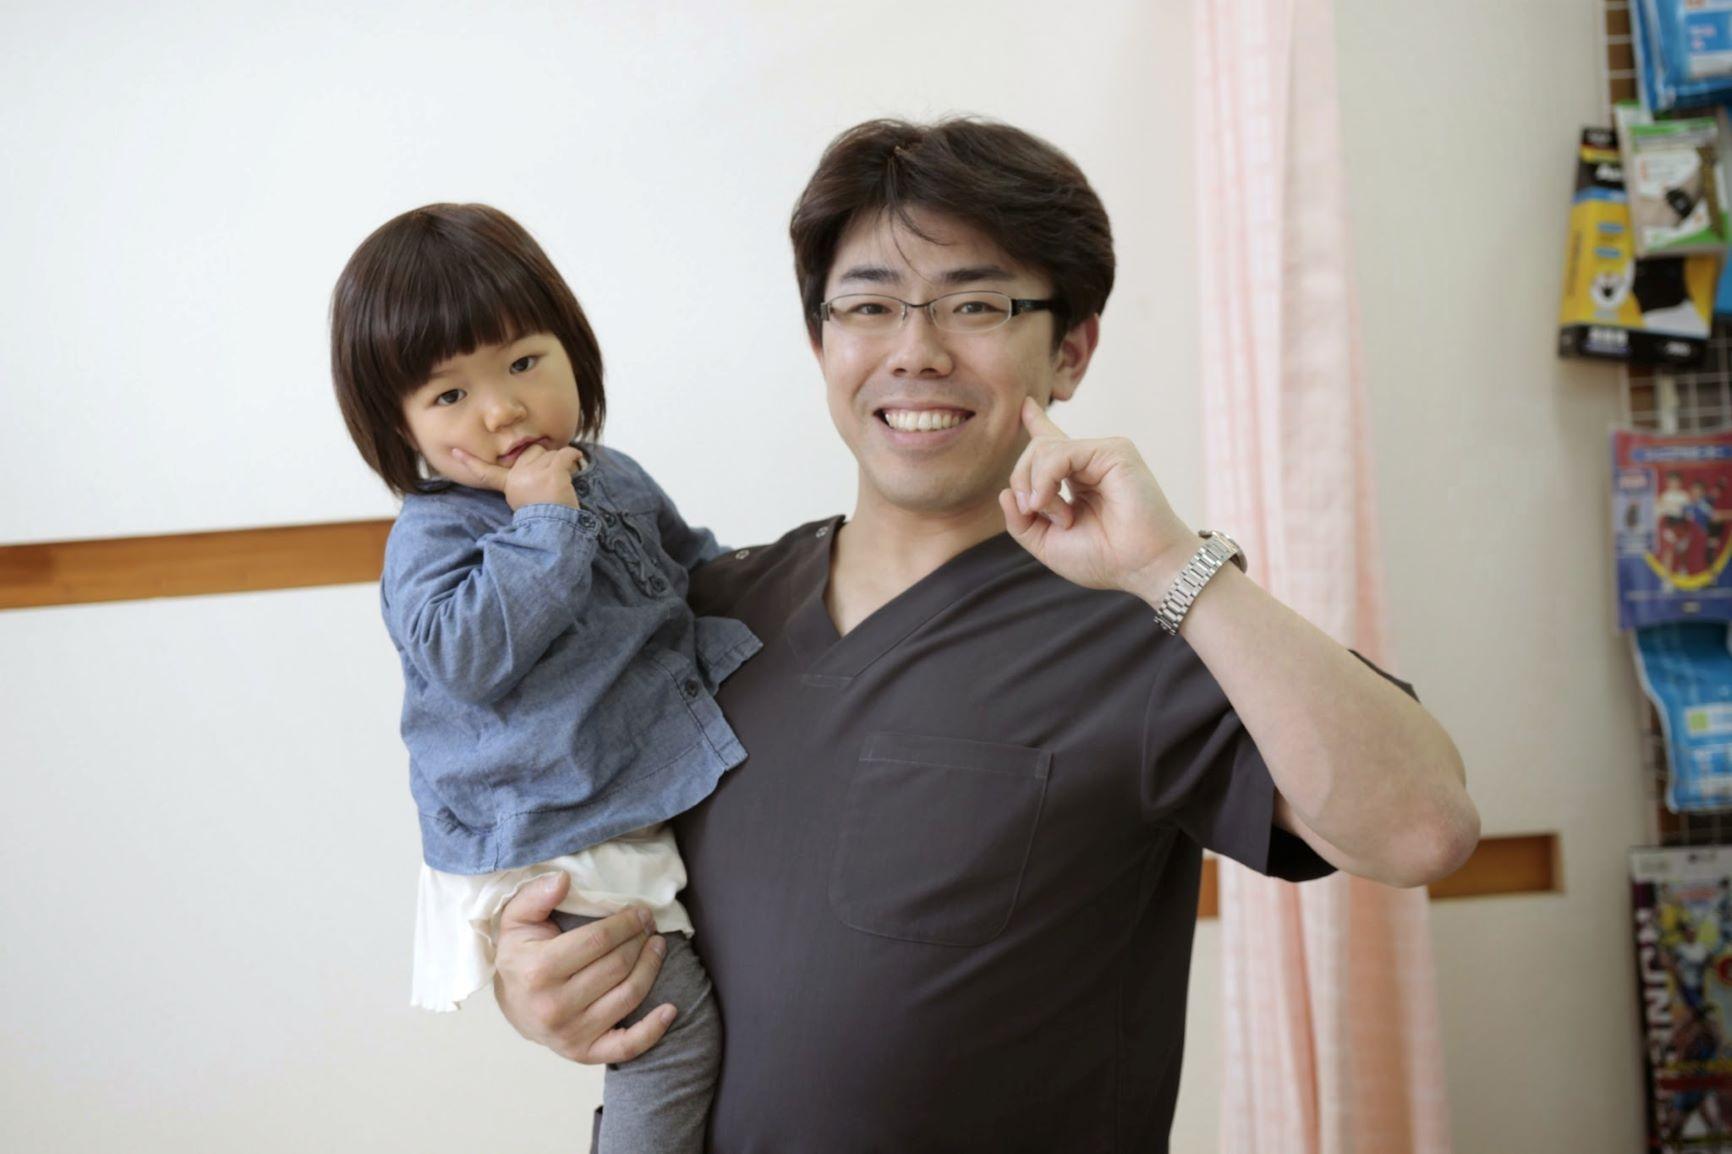 小さなお子様からお年寄りまでお身体の不調を施術できる鍼灸整骨院です!